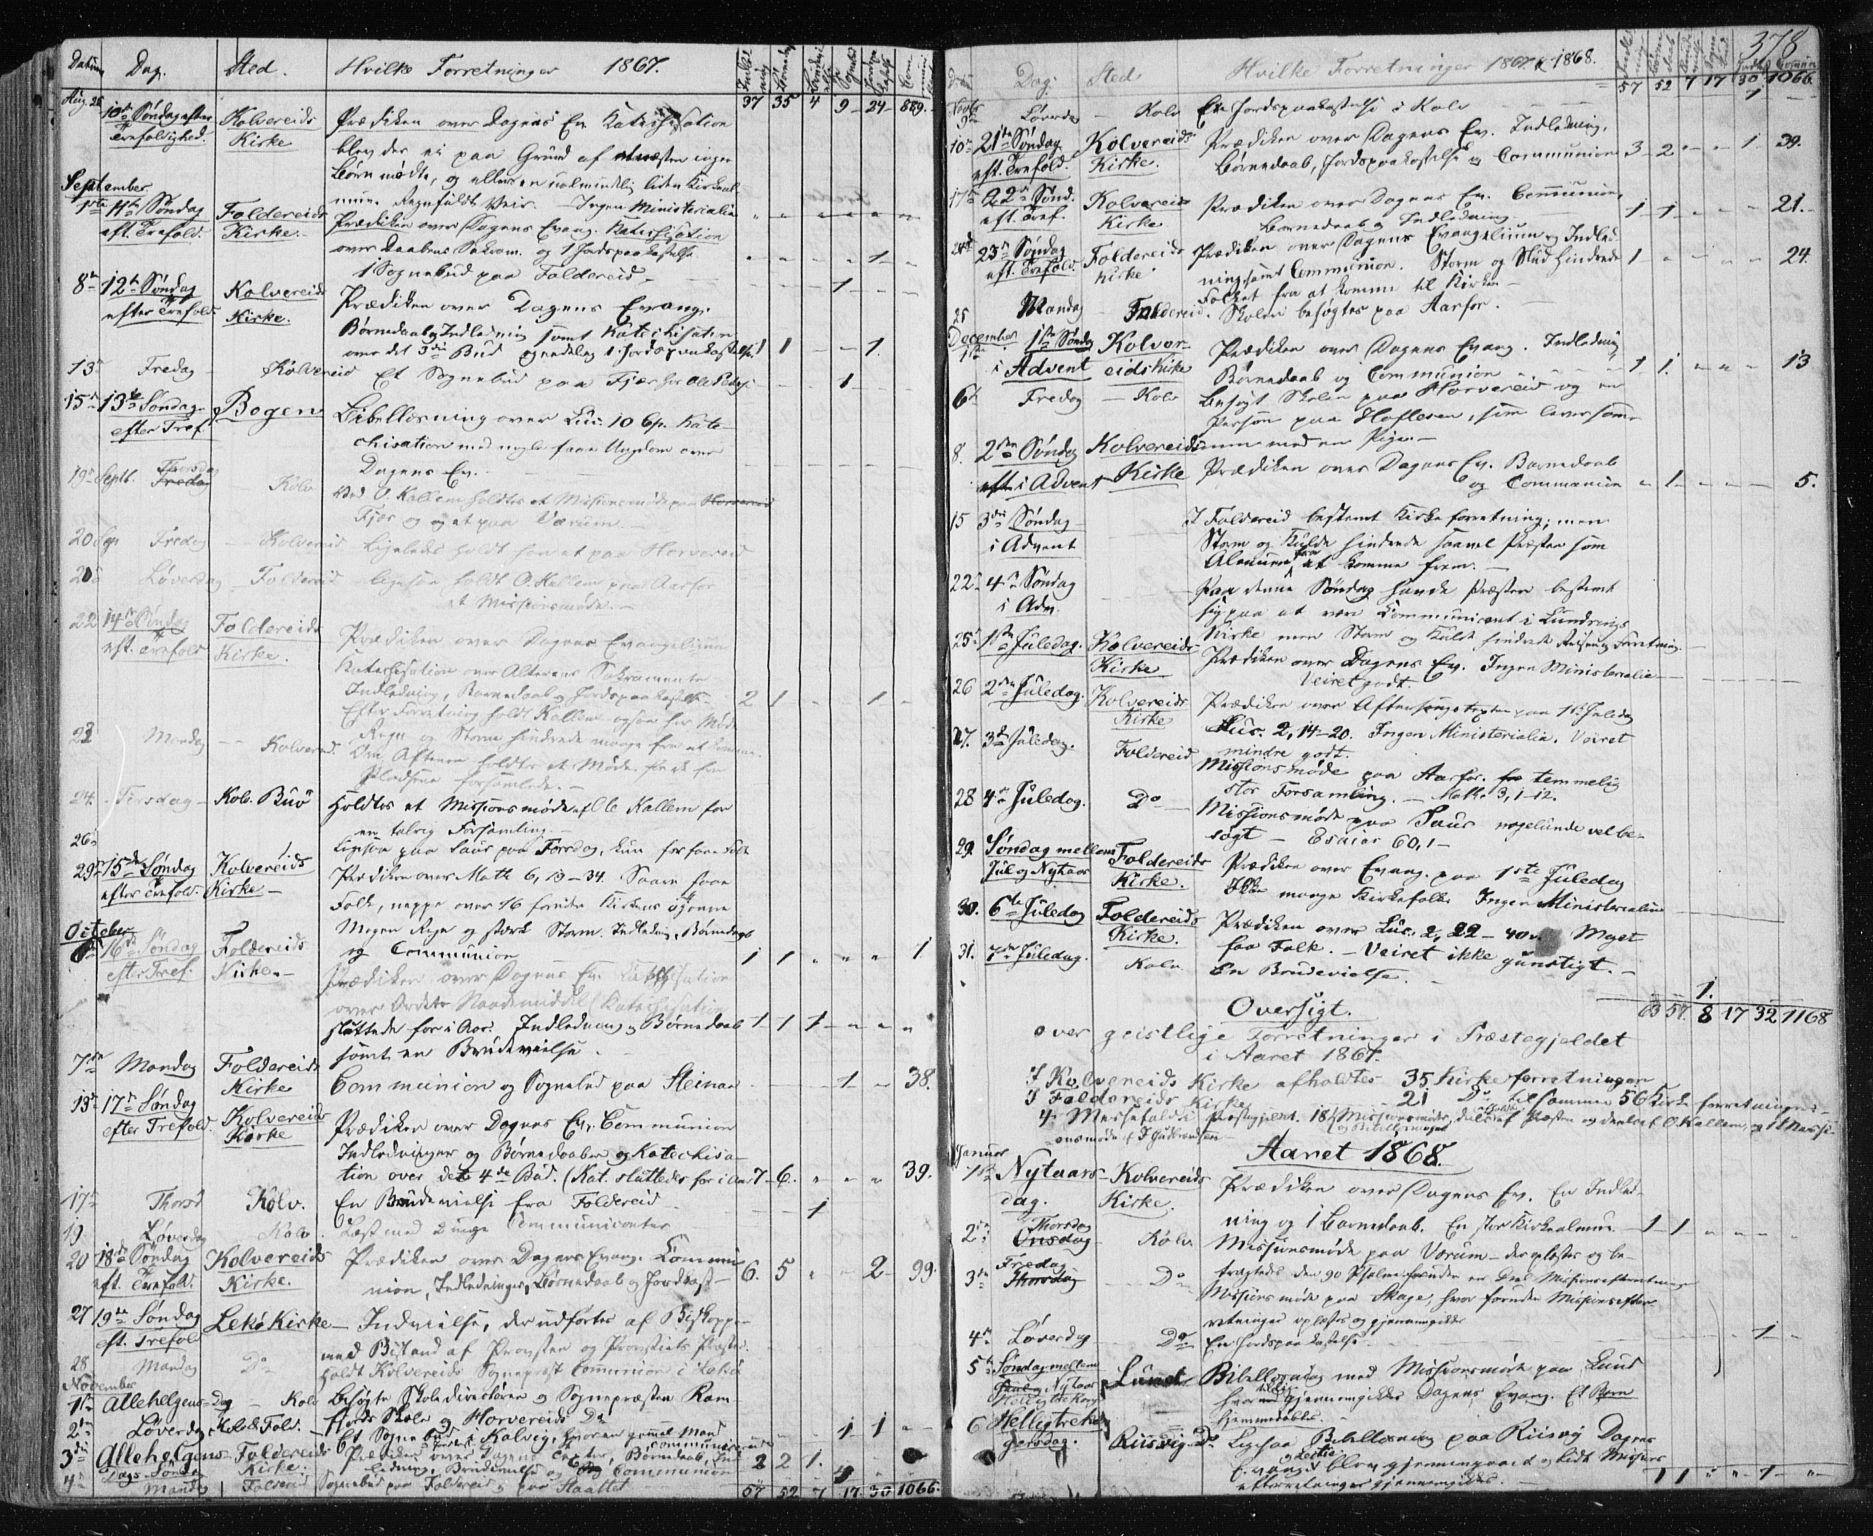 SAT, Ministerialprotokoller, klokkerbøker og fødselsregistre - Nord-Trøndelag, 780/L0641: Ministerialbok nr. 780A06, 1857-1874, s. 378